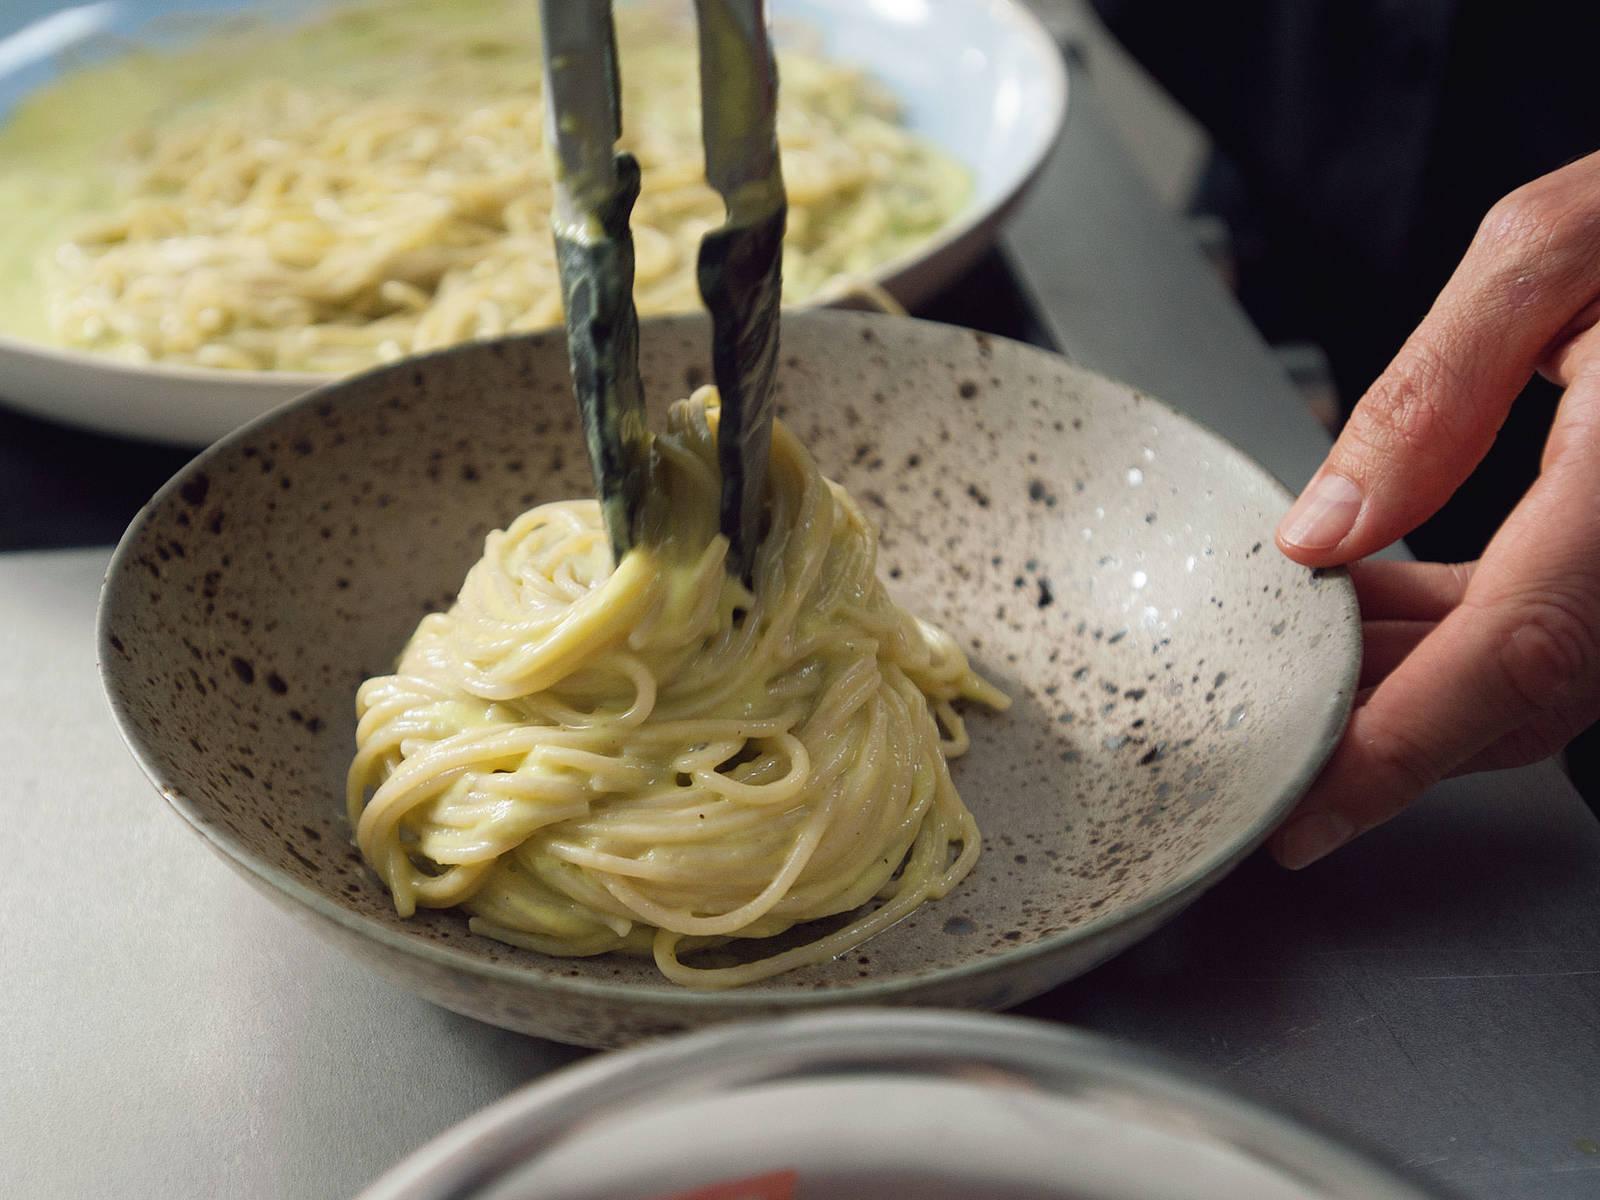 意面煮好后沥干水,转移到不粘锅中,加入牛油果酱汁搅拌均匀。以小火加热两分钟,盐和胡椒调味后分装入盘。